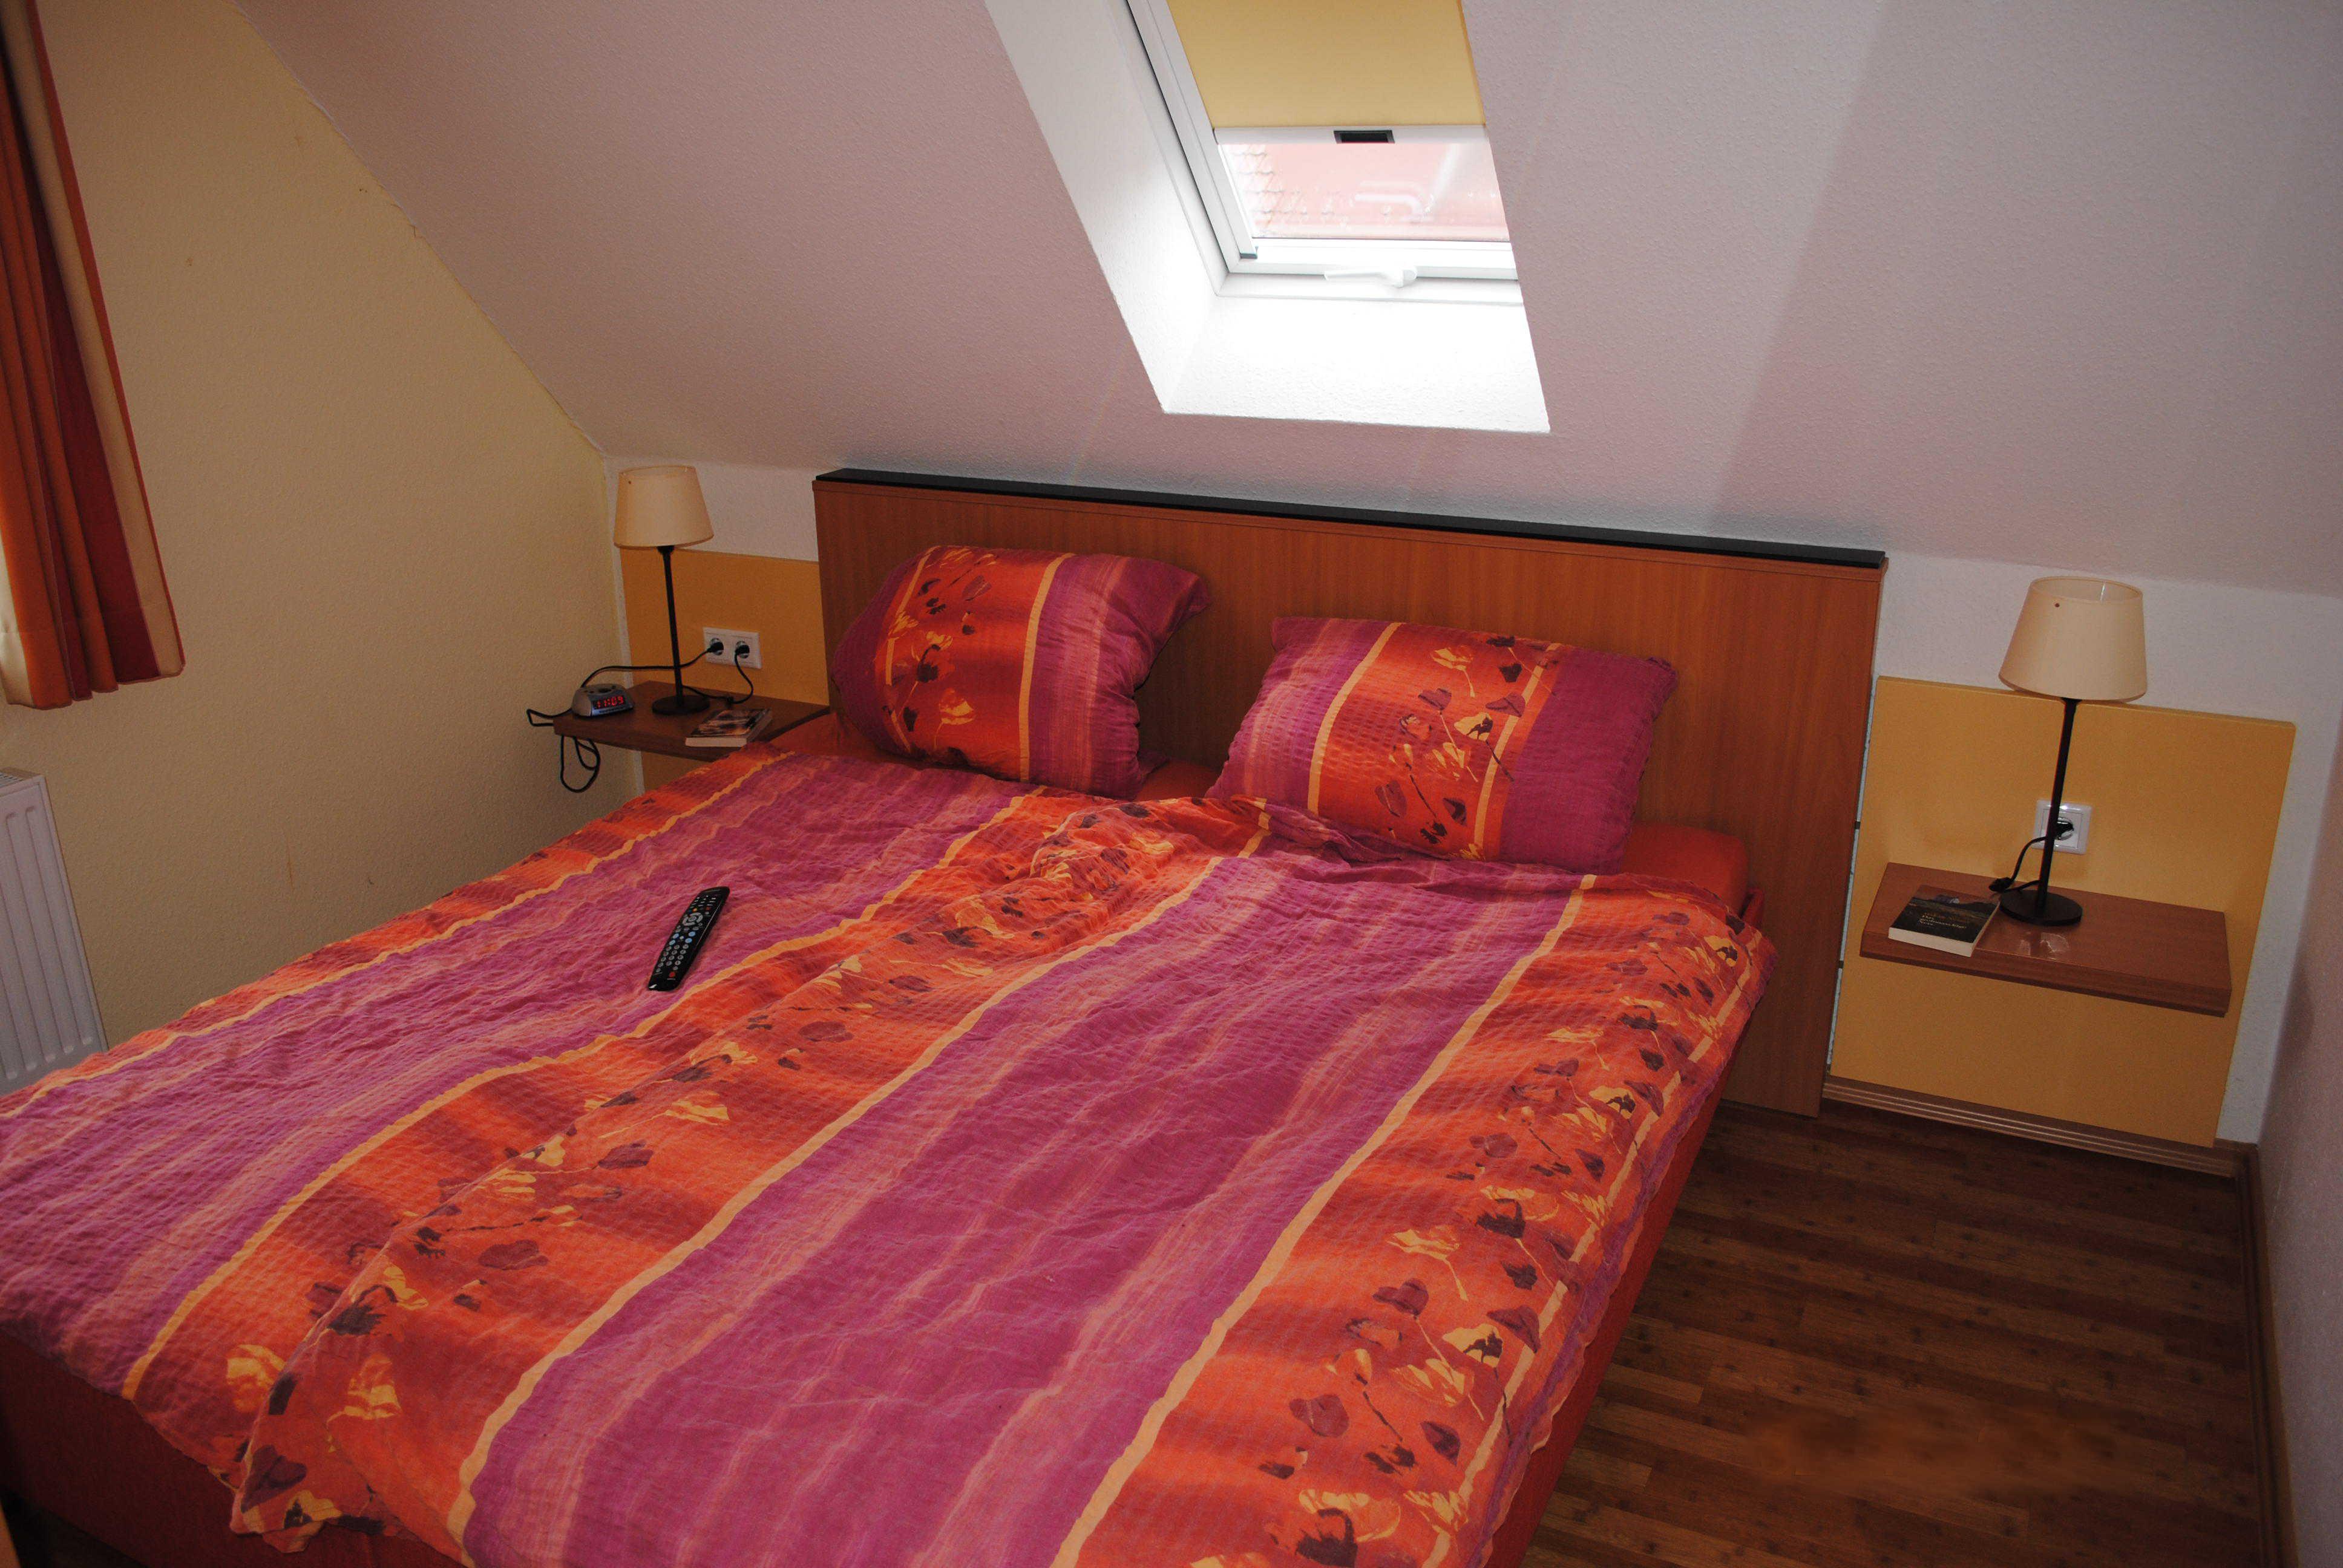 Das Doppelbett im Elternschlafzimmer.